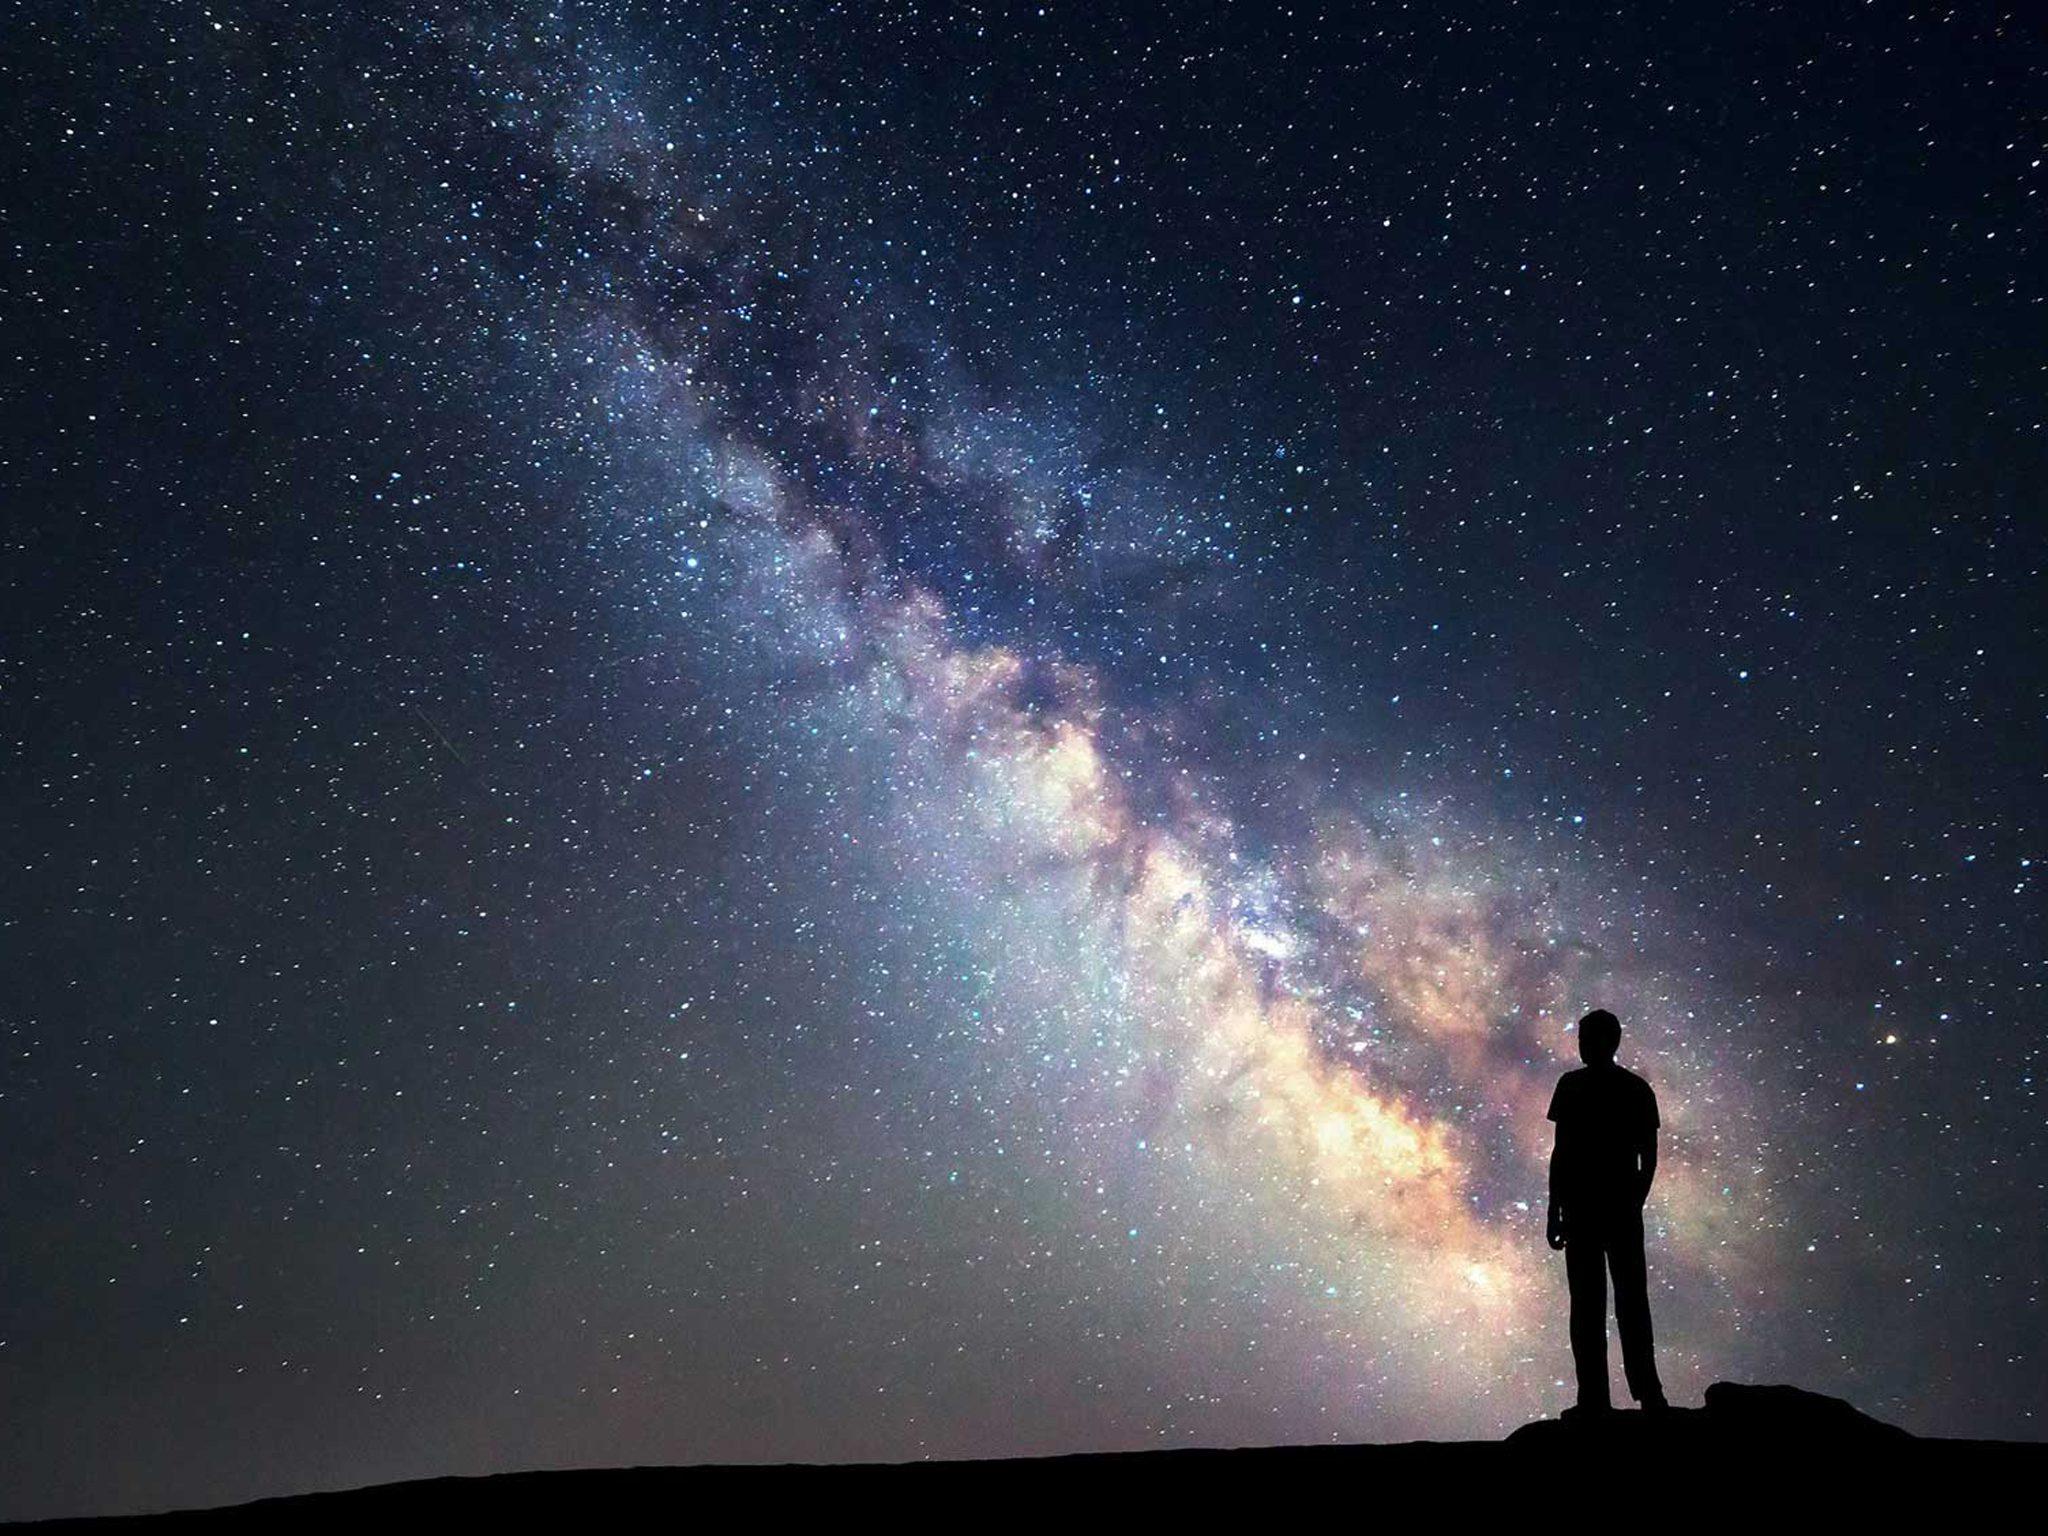 Starlight estrellas constelaciones